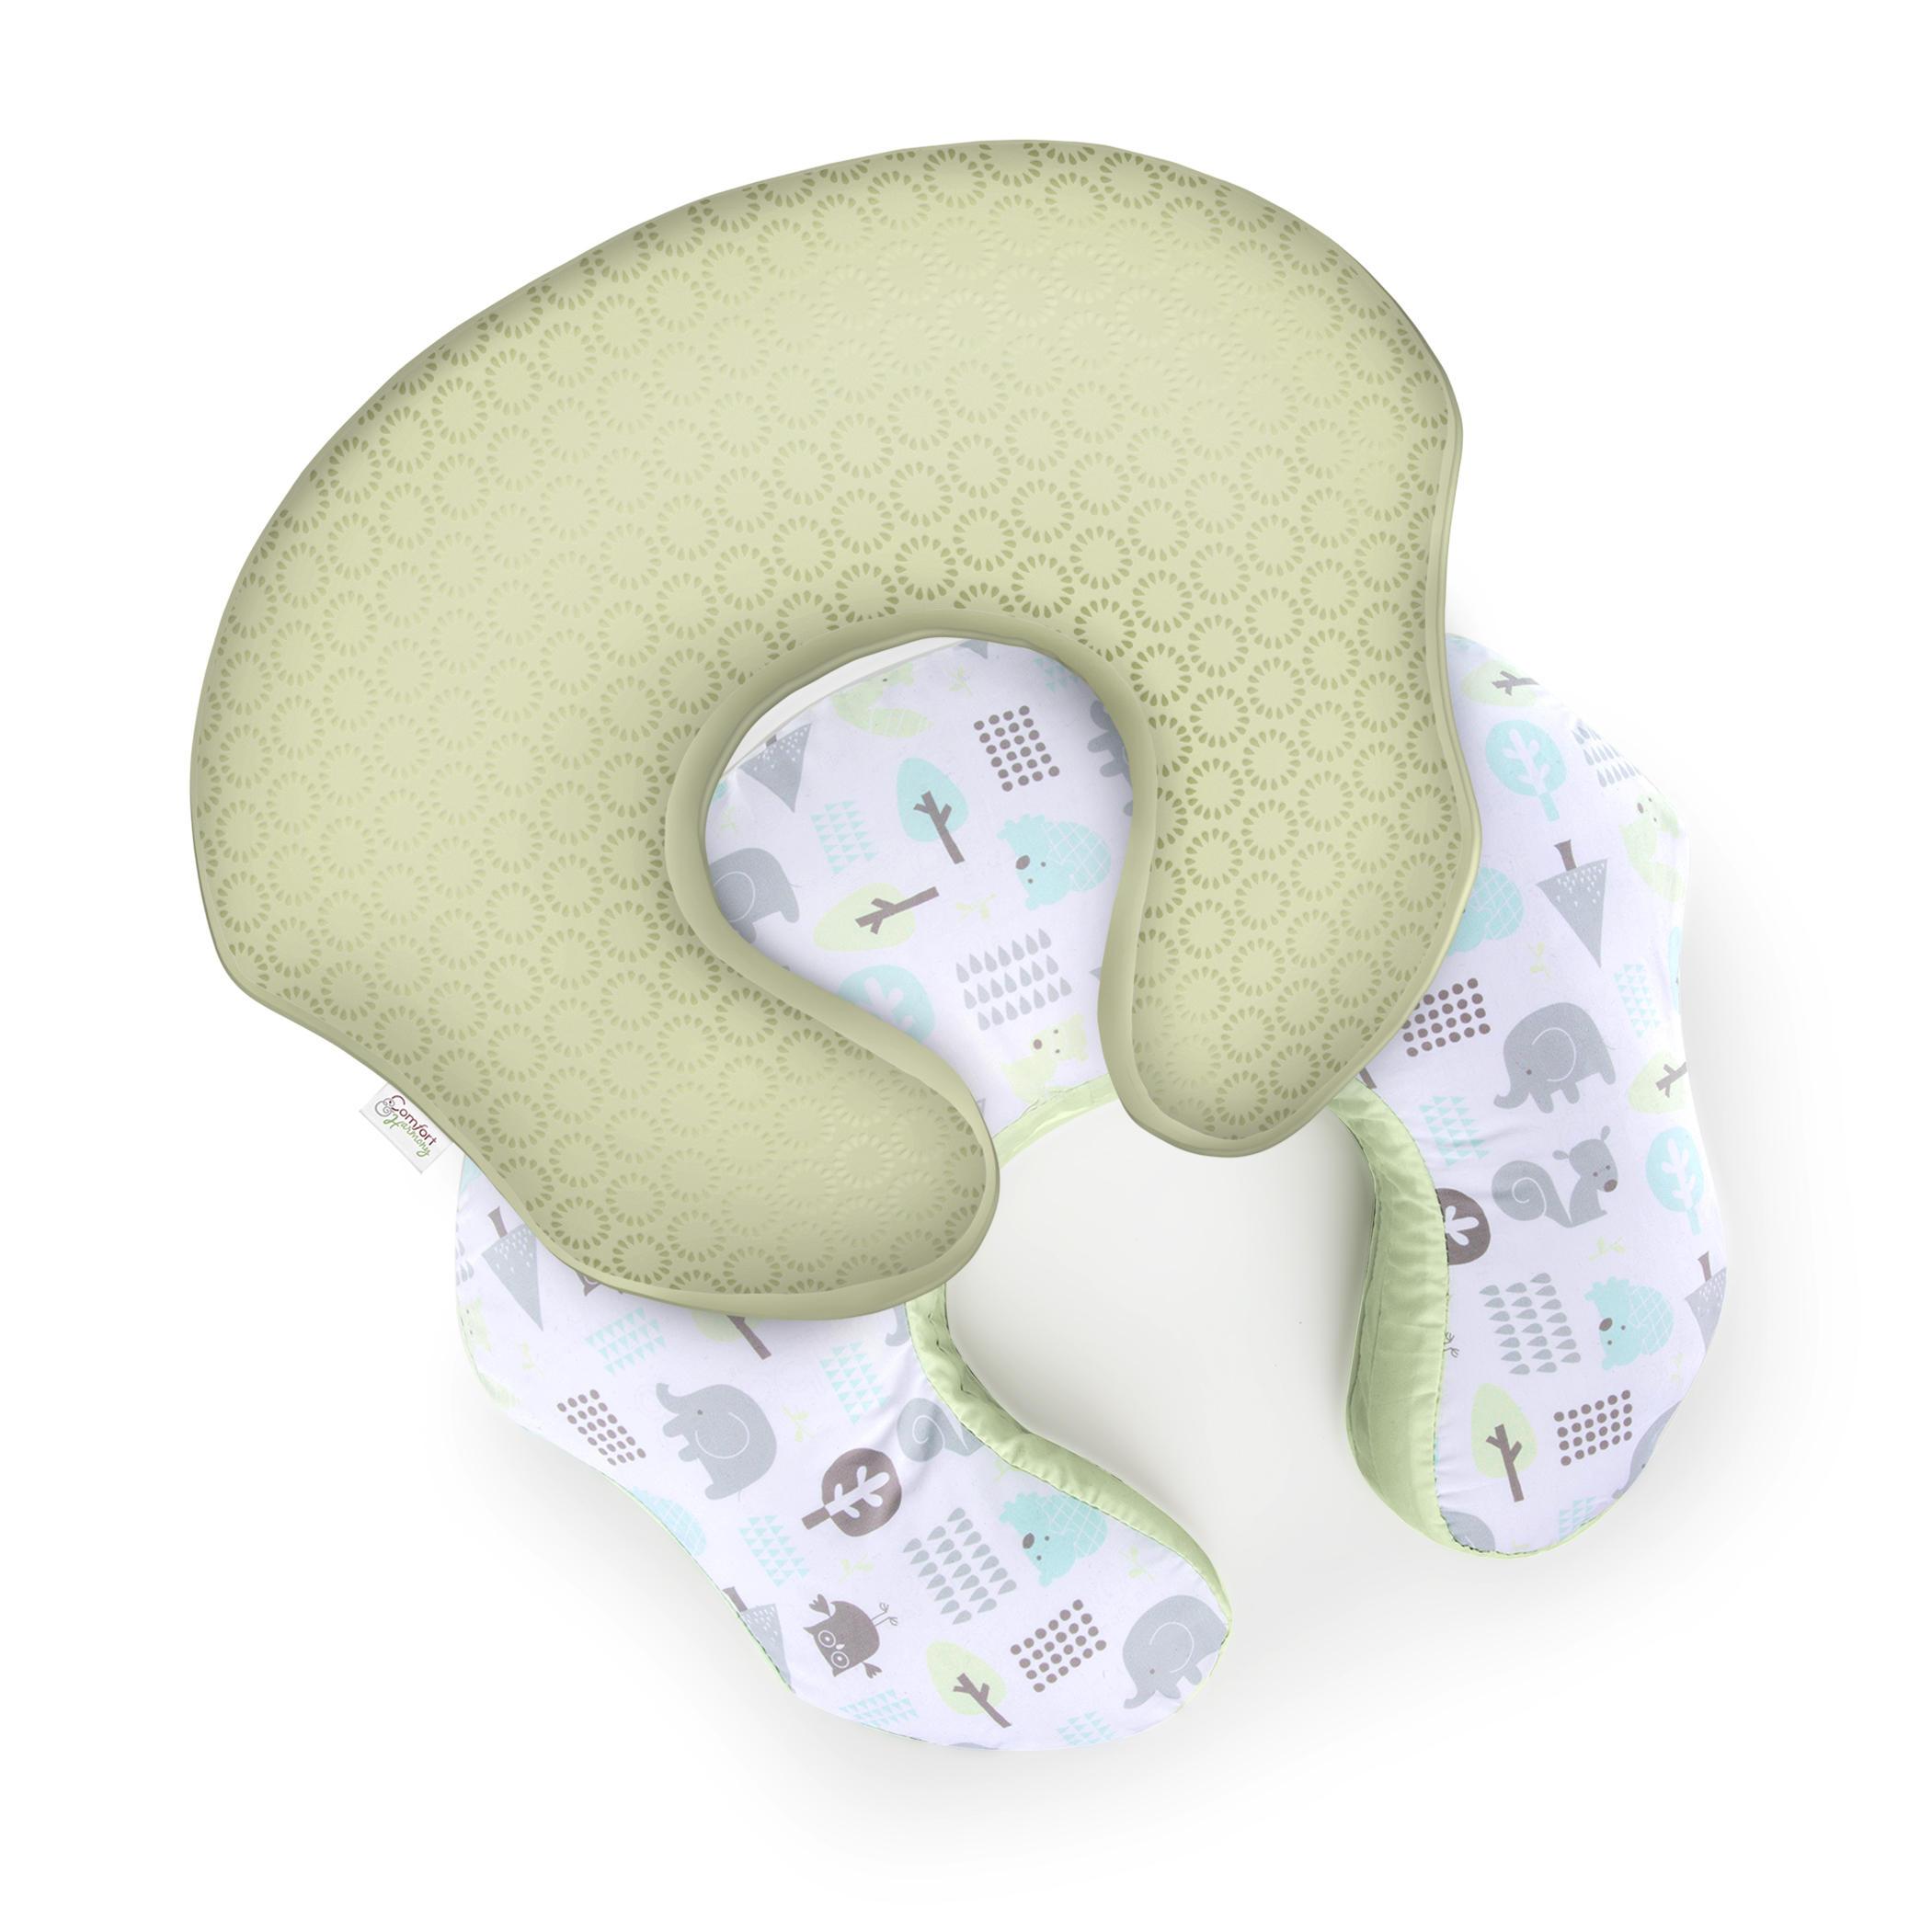 mombo Deluxe™ Nursing Pillow Slipcover - Forest Patterns™